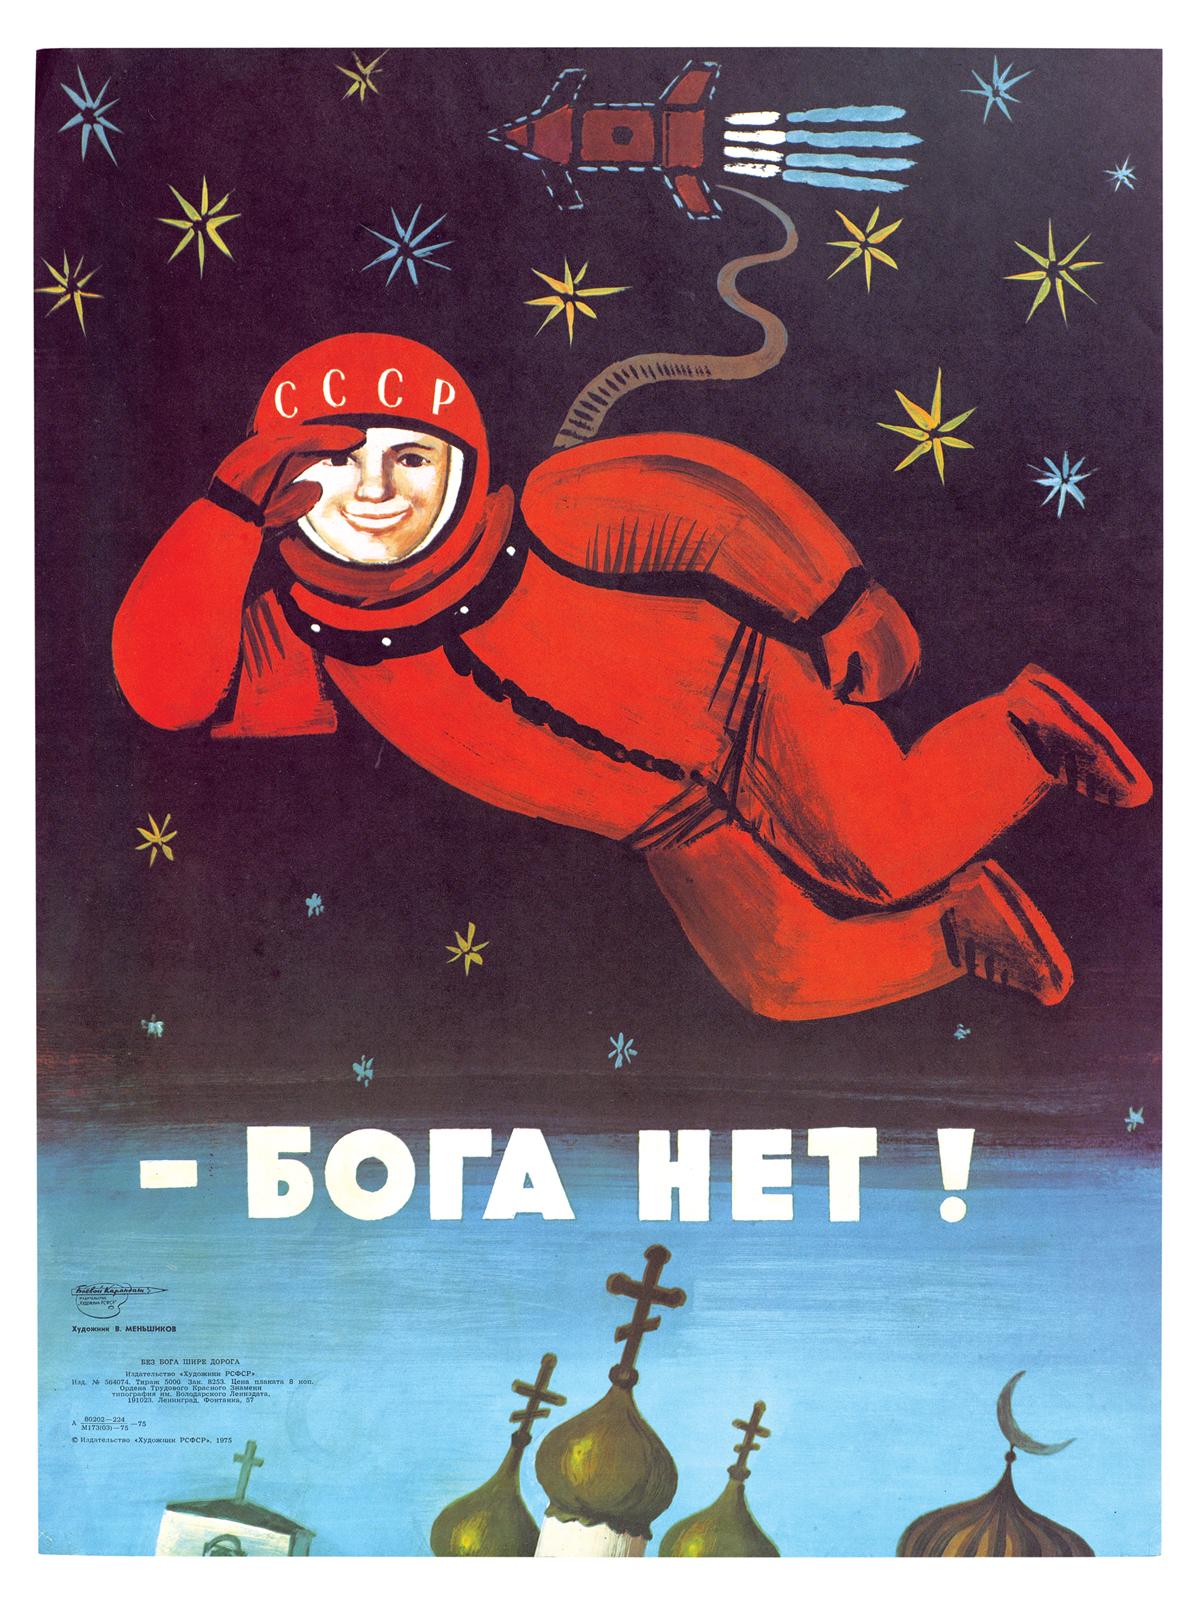 Ο σοβιετικός αστροναύτης βεβαιώνει χριστιανούς και μουσουλμάνους ότι εκεί ψηλά «δεν υπάρχει Θεός» - ωστόσο σήμερα δεν υπάρχει σοβιετικός αστροναύτης (Πόστερ του 1975)